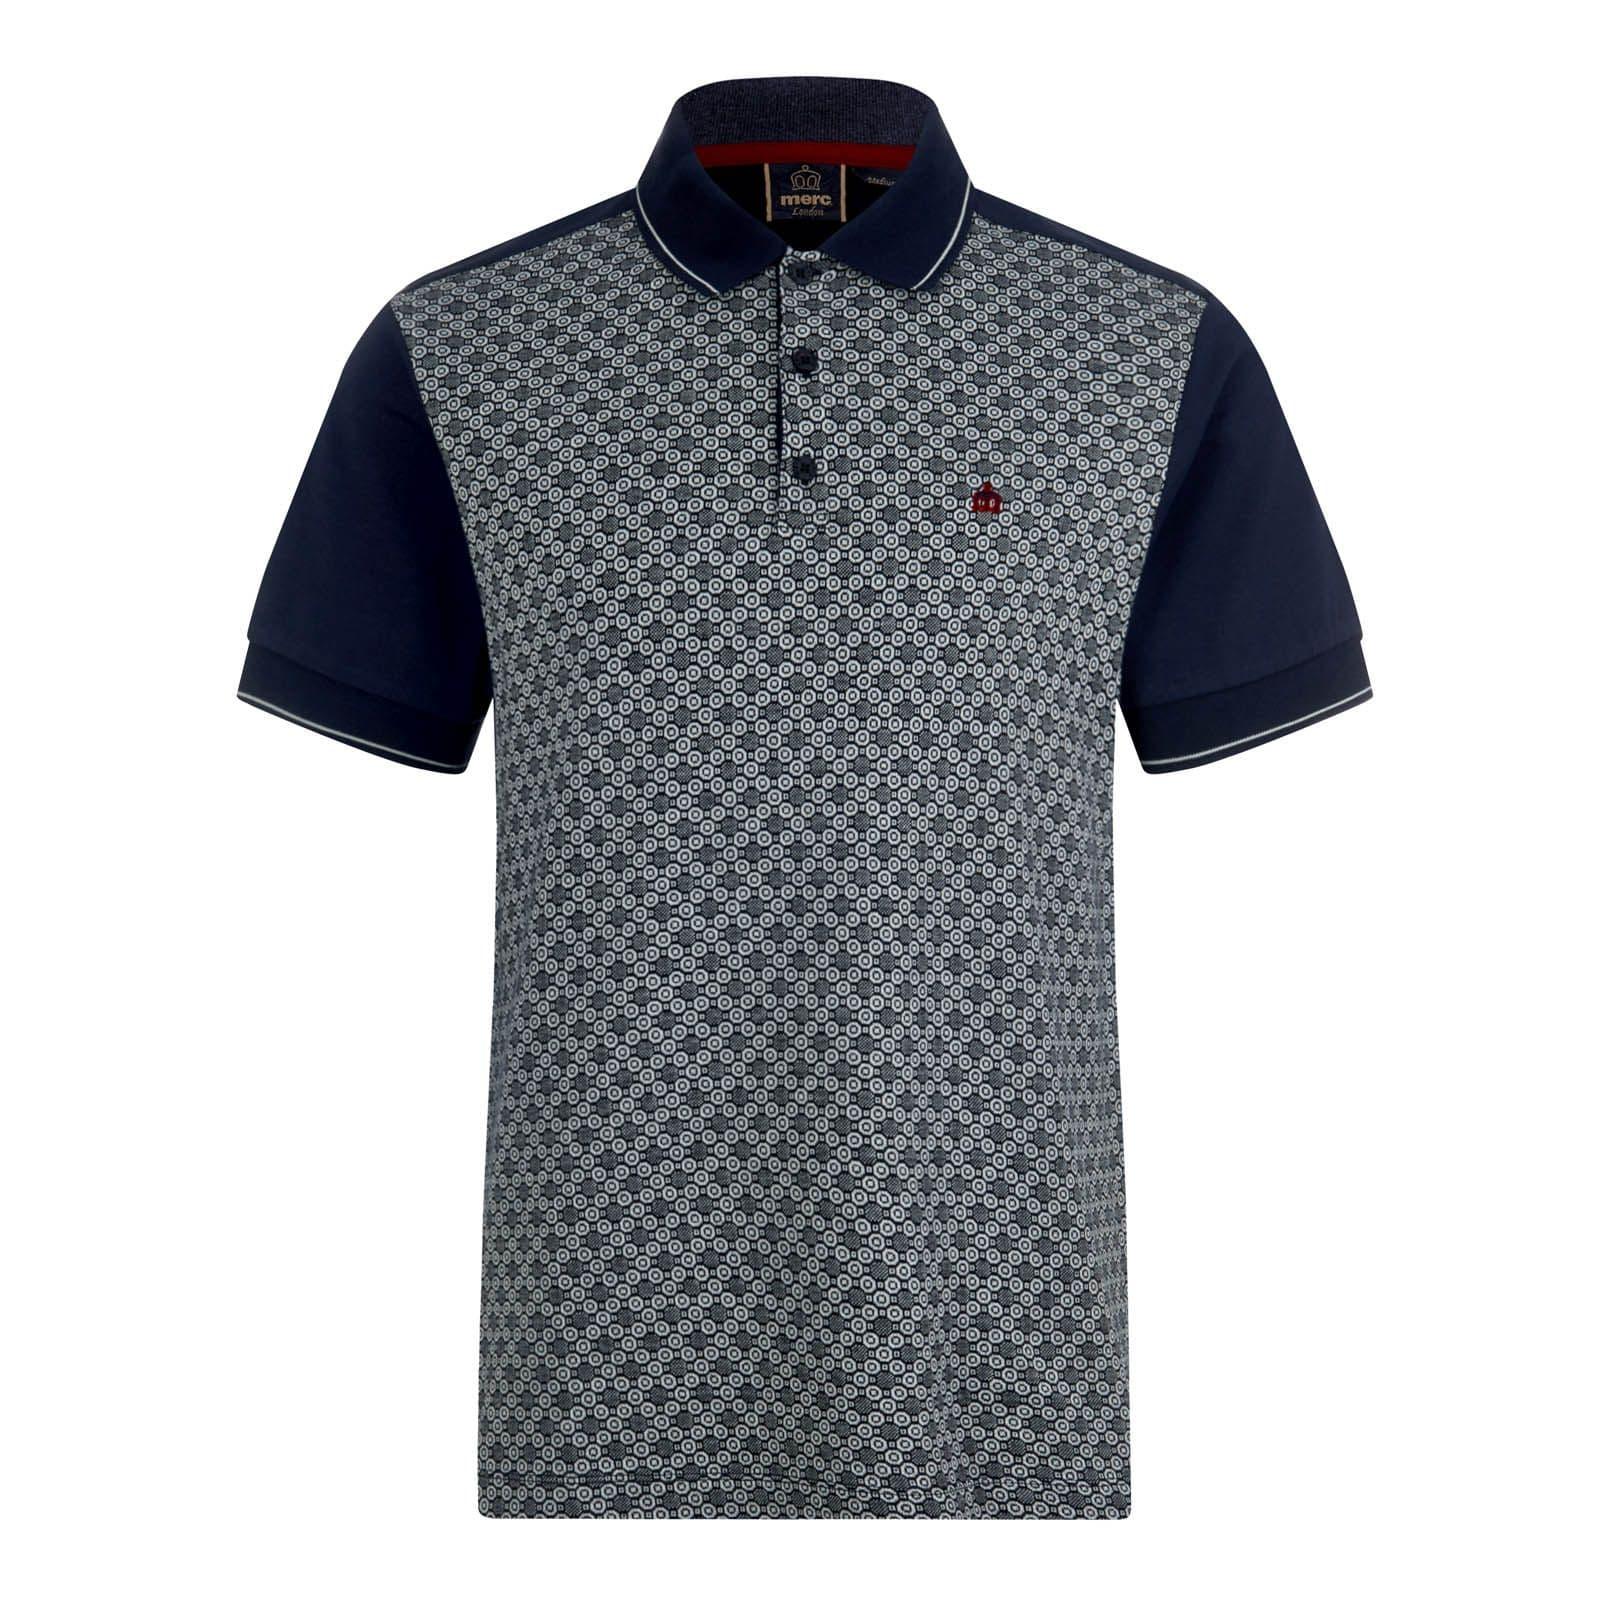 Рубашка Поло EskhamПоло под заказ<br><br><br>Артикул: 1916203<br>Материал: 100% хлопок<br>Цвет: синий с голубым<br>Пол: Мужской